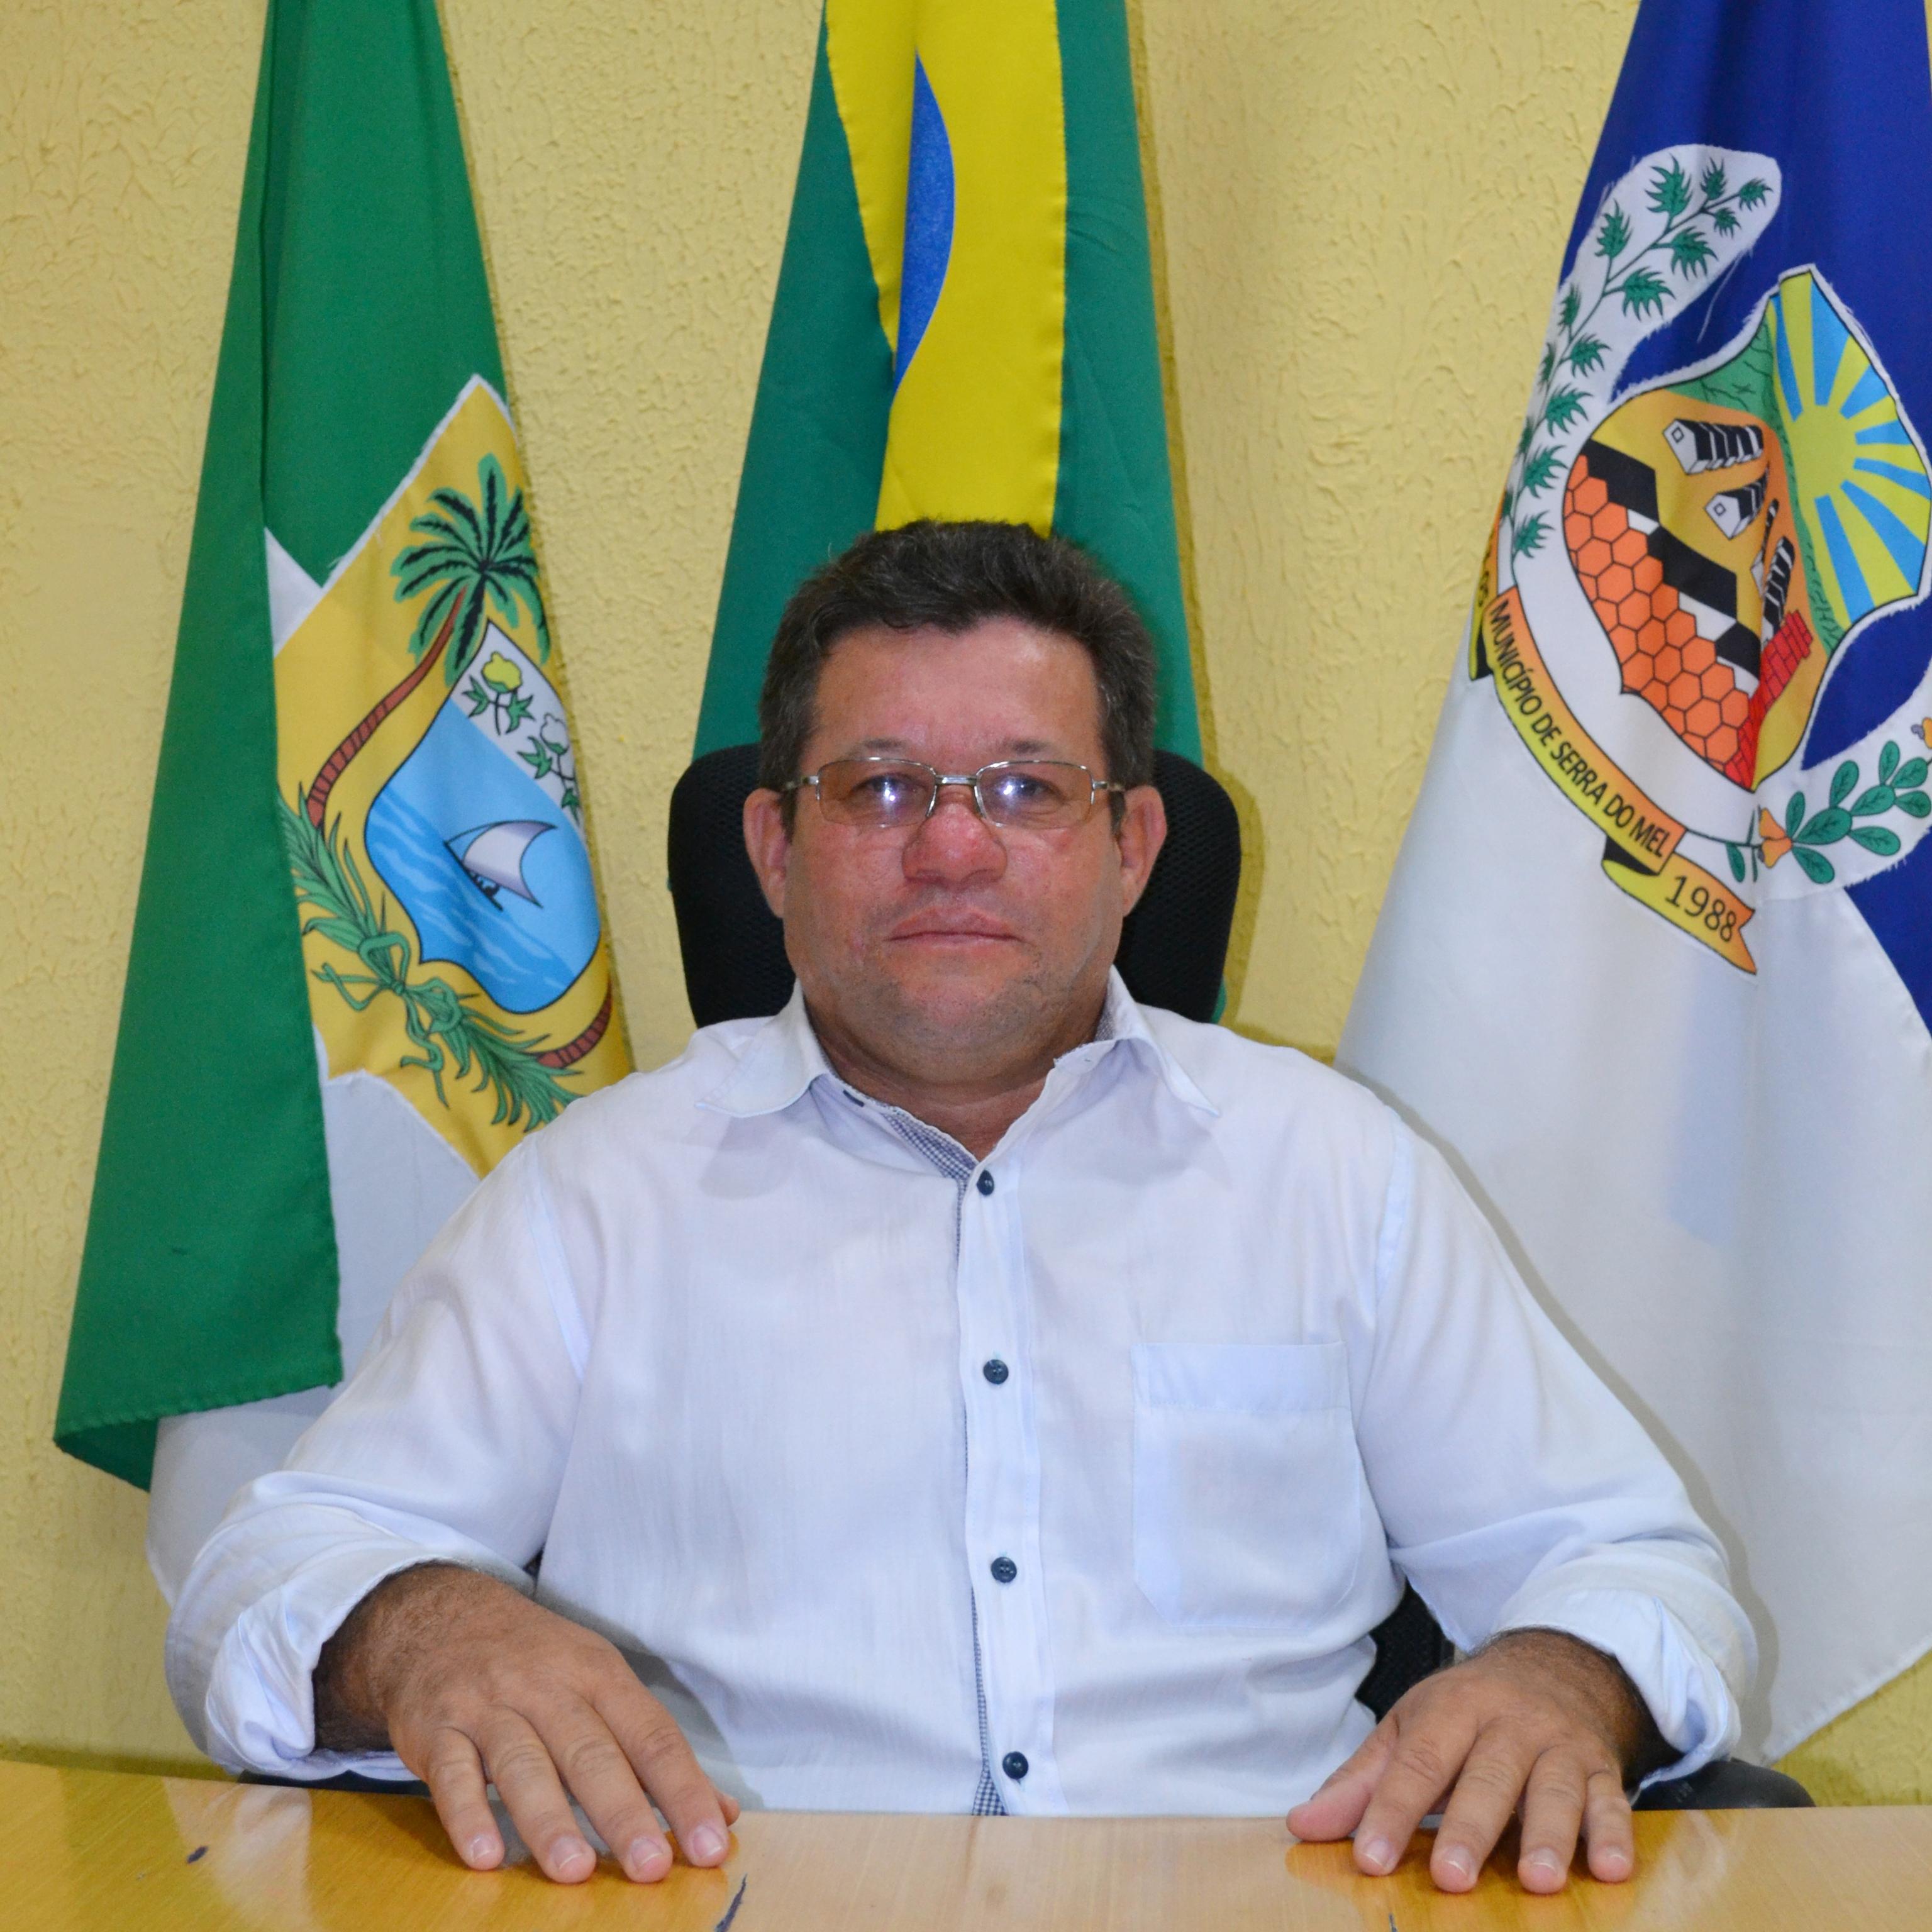 Aldecir Ferreira Nunes